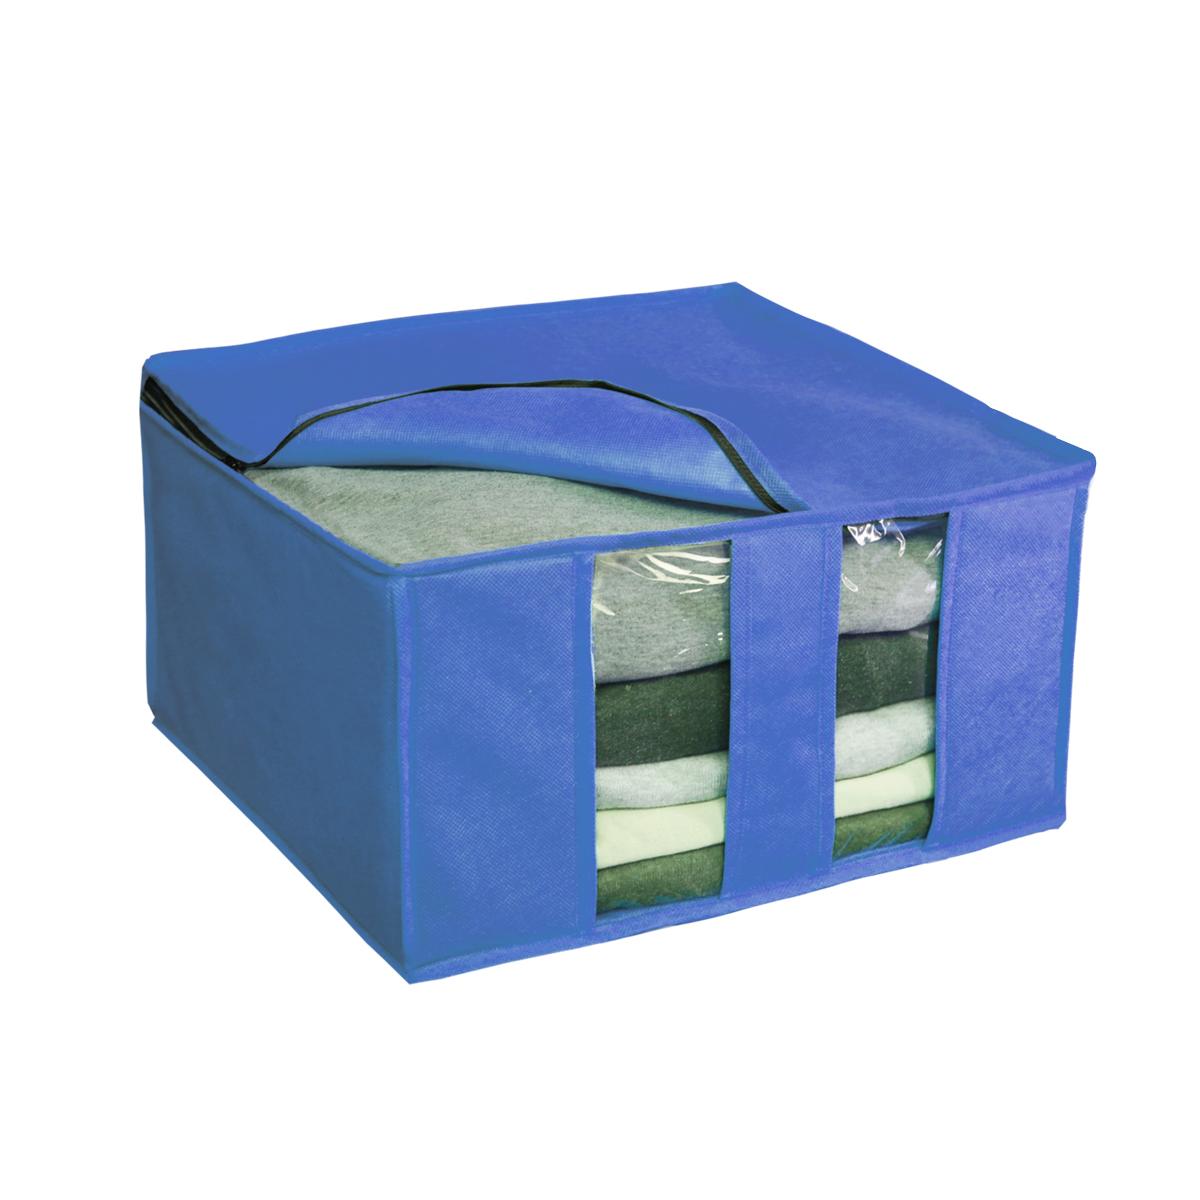 Кофр для хранения Miolla, цвет: синий, 40 х 40 х 25 см. CHL-6-1S03301004Ящик раскладной для хранения вещей 40 x 40 x 25 см cиний